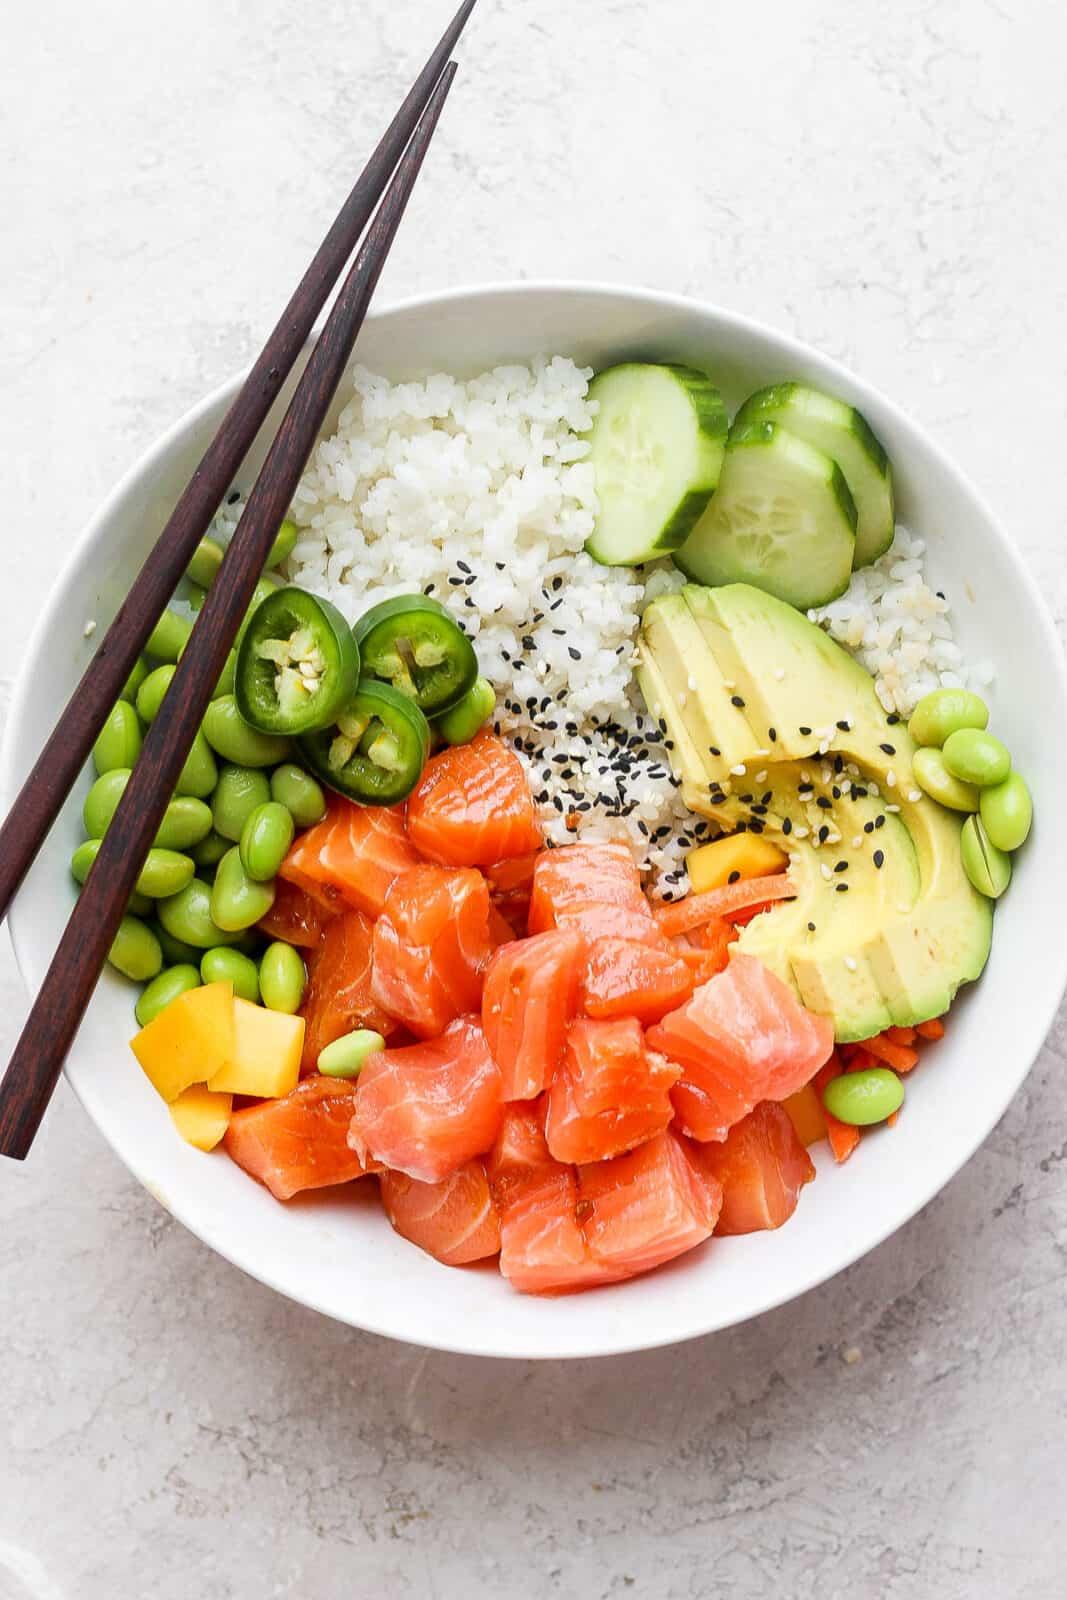 A salmon poke bowl with chopsticks.